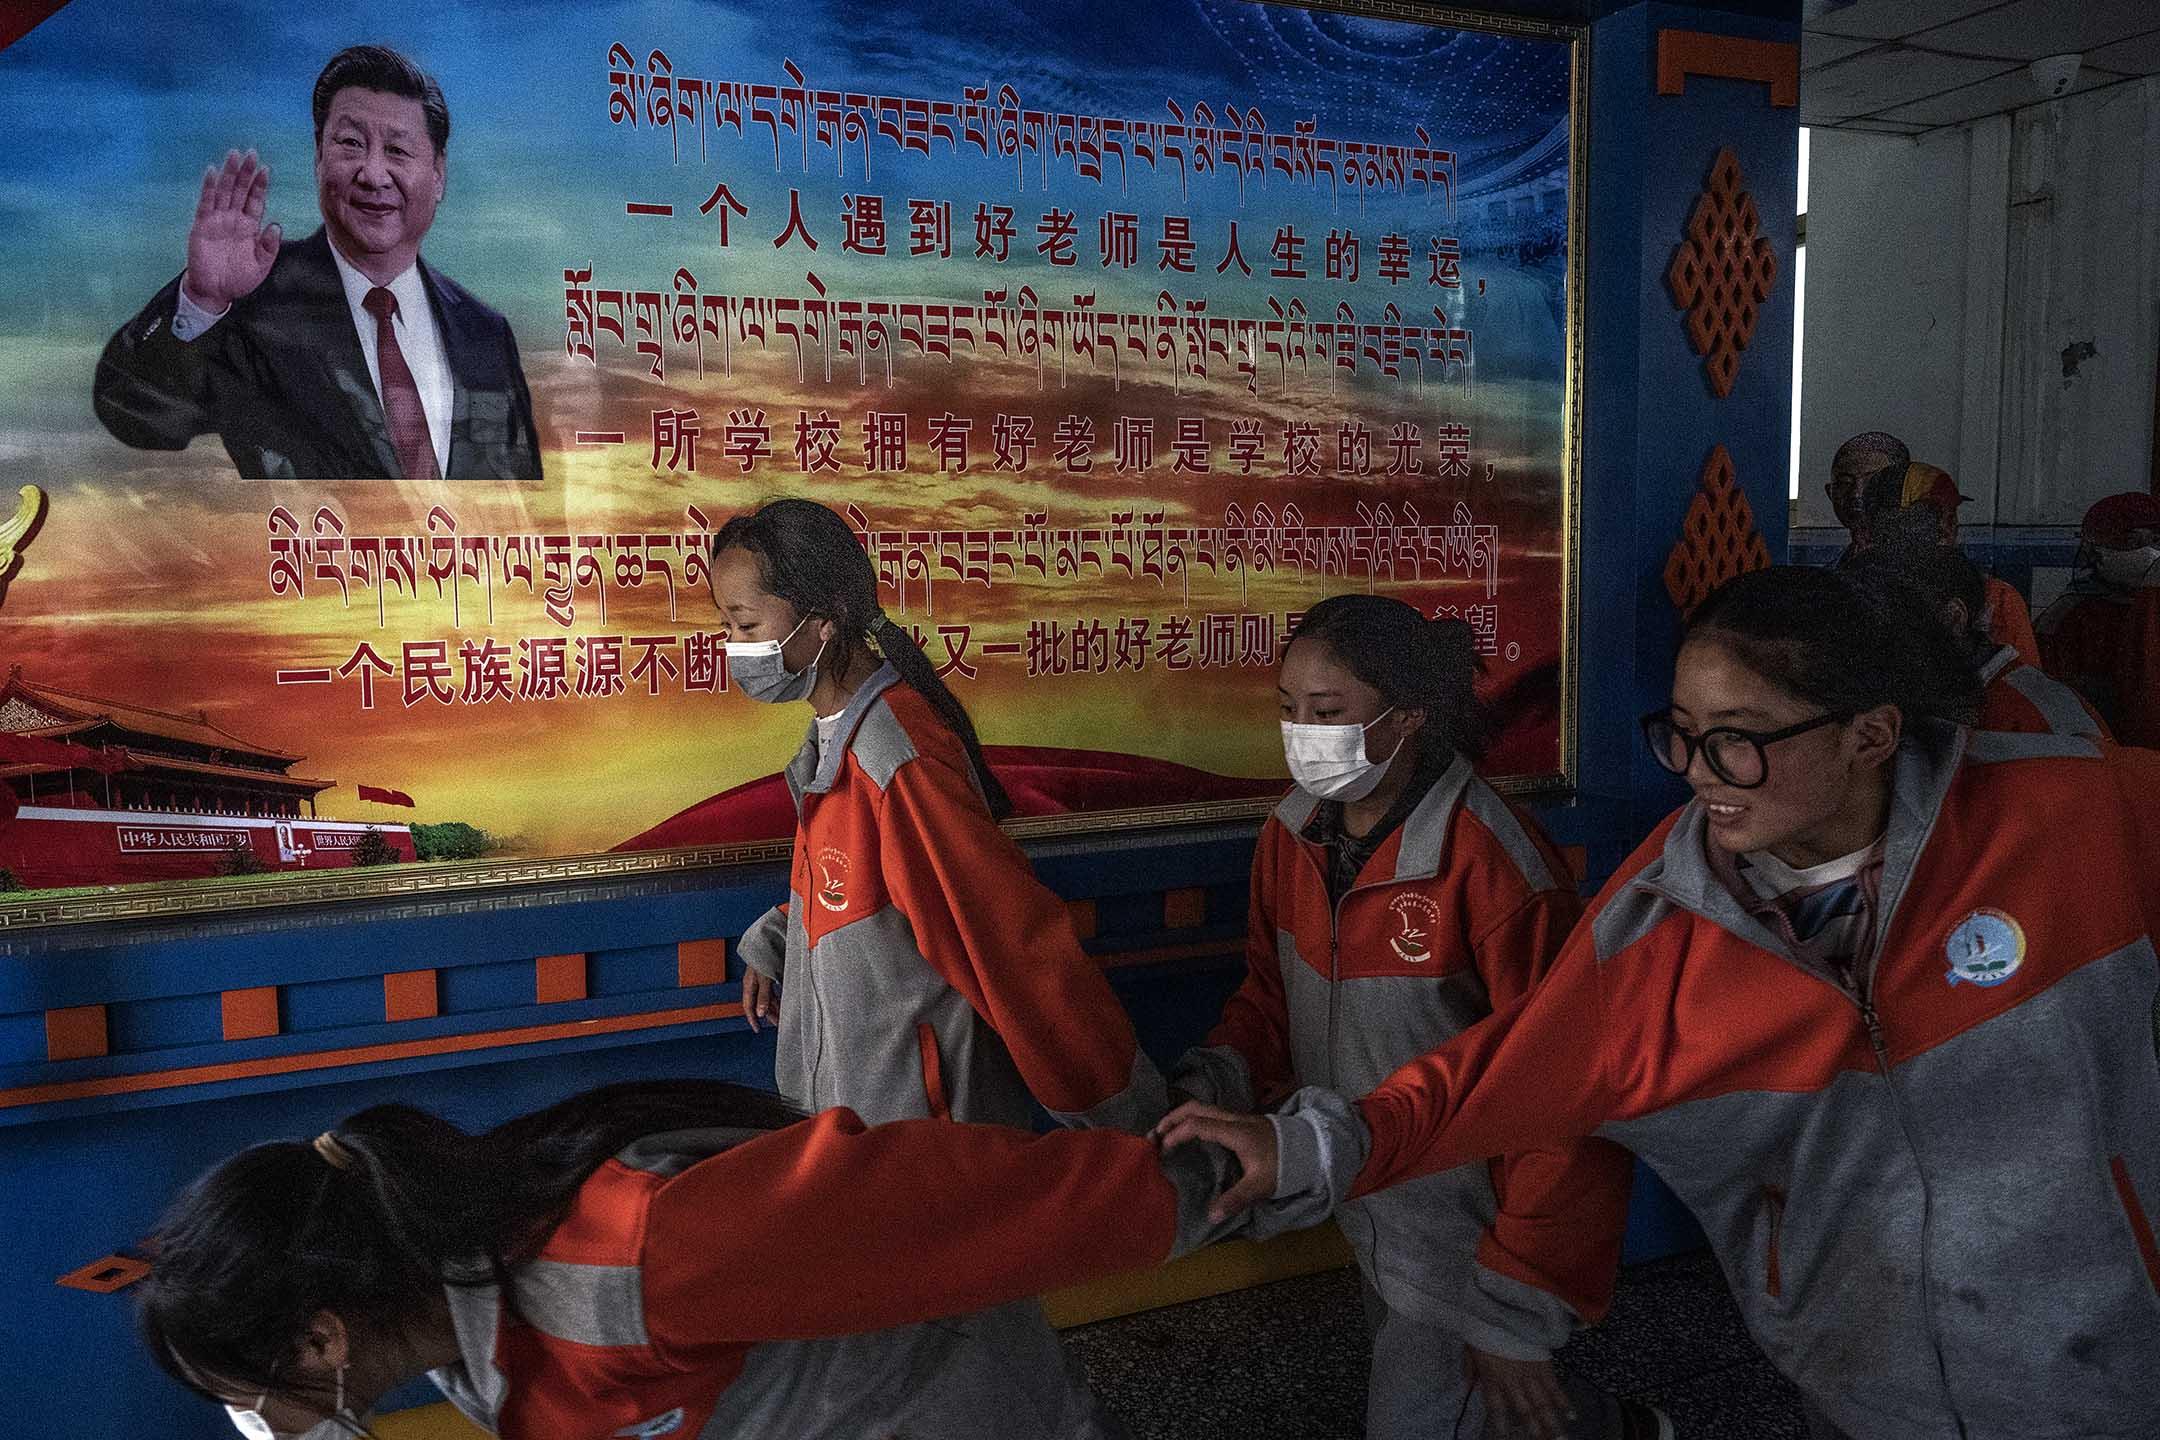 2021年6月1日中國拉薩,西藏中學學生下課時經過一張習近平主席的海報。 攝:Kevin Frayer/Getty Images